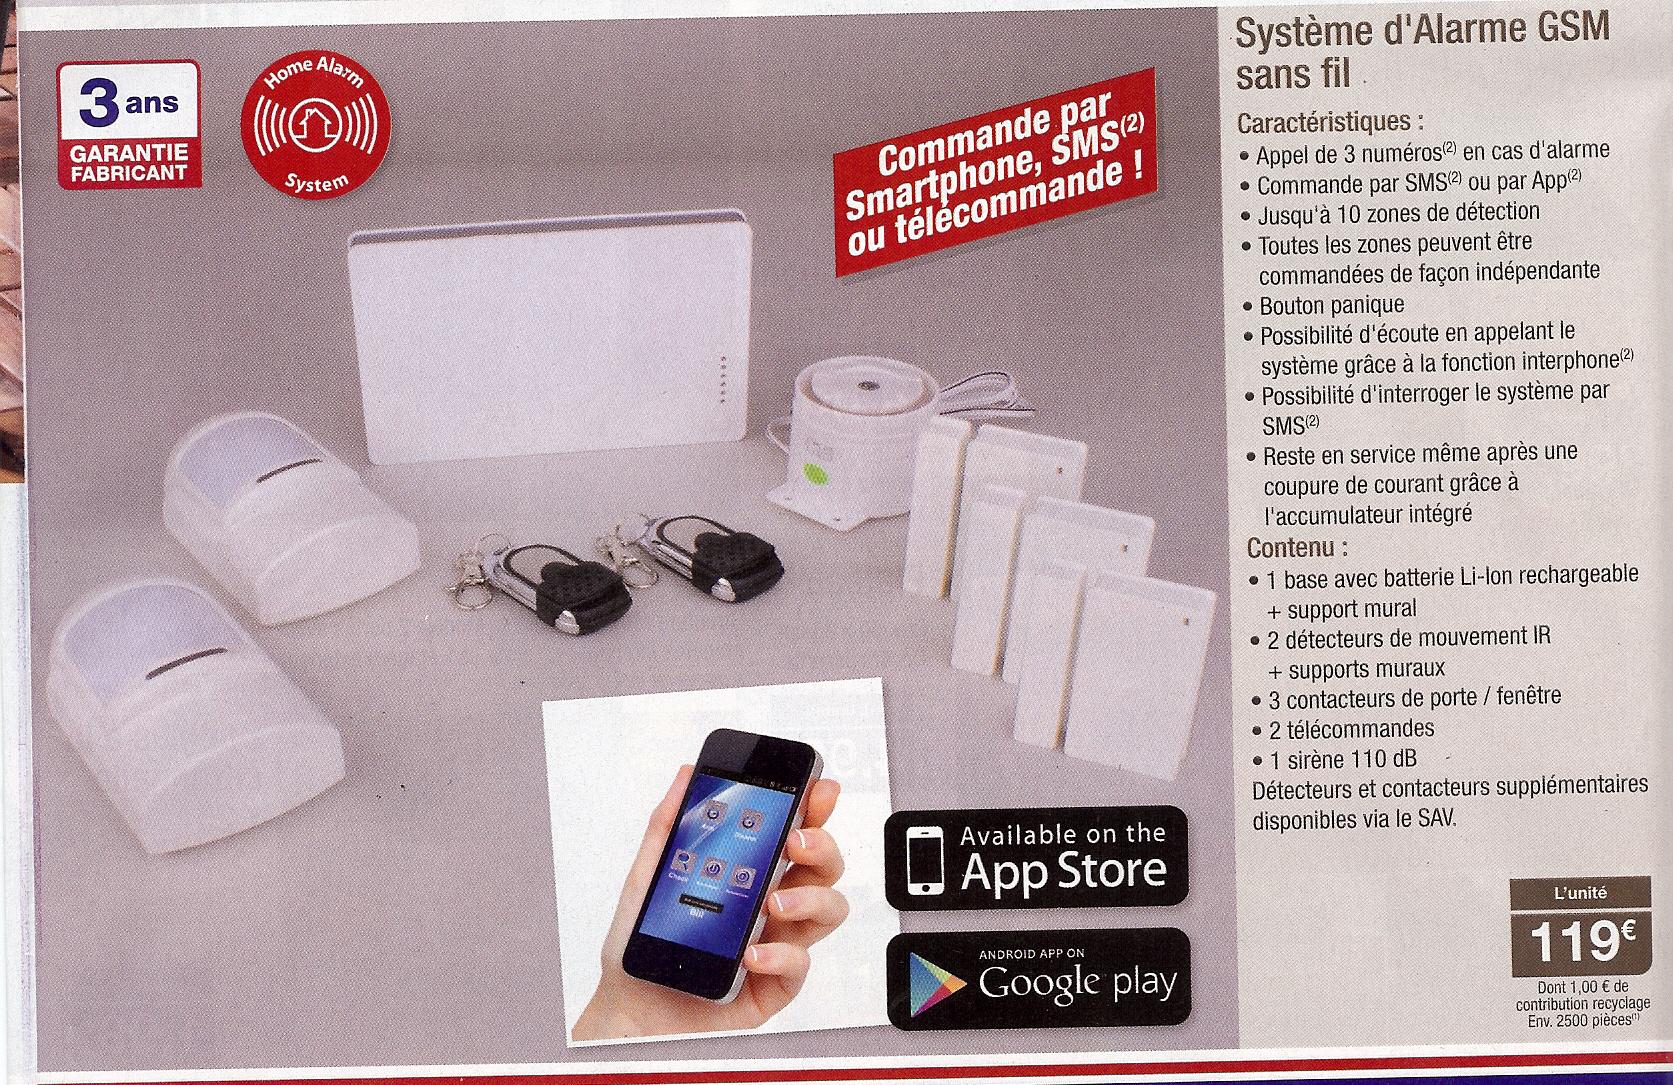 Système d'alarme GSM sans fil